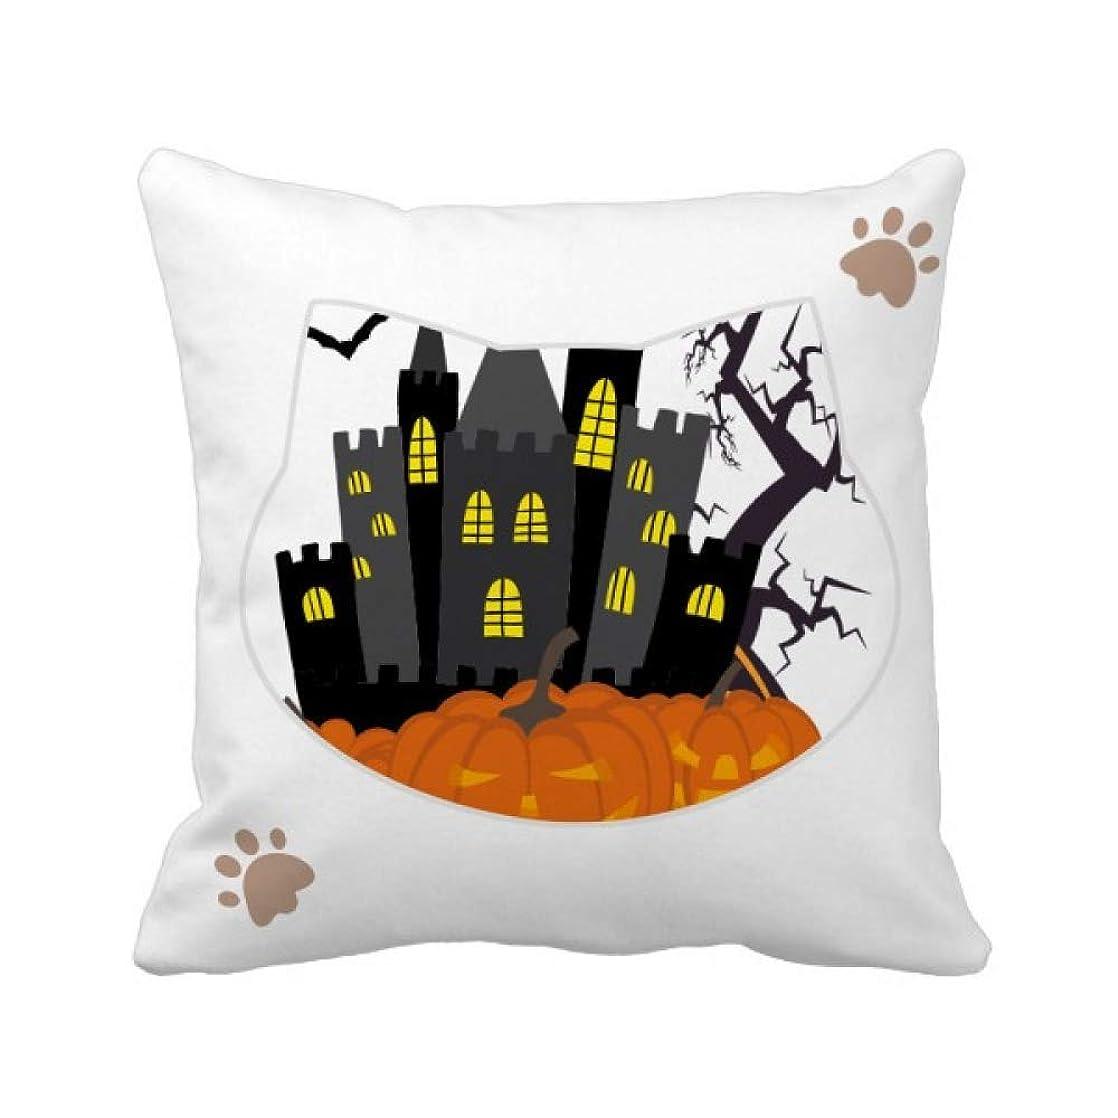 隙間モンスター社説夜の万聖節の怖い城 枕カバーを放り投げる猫広場 50cm x 50cm